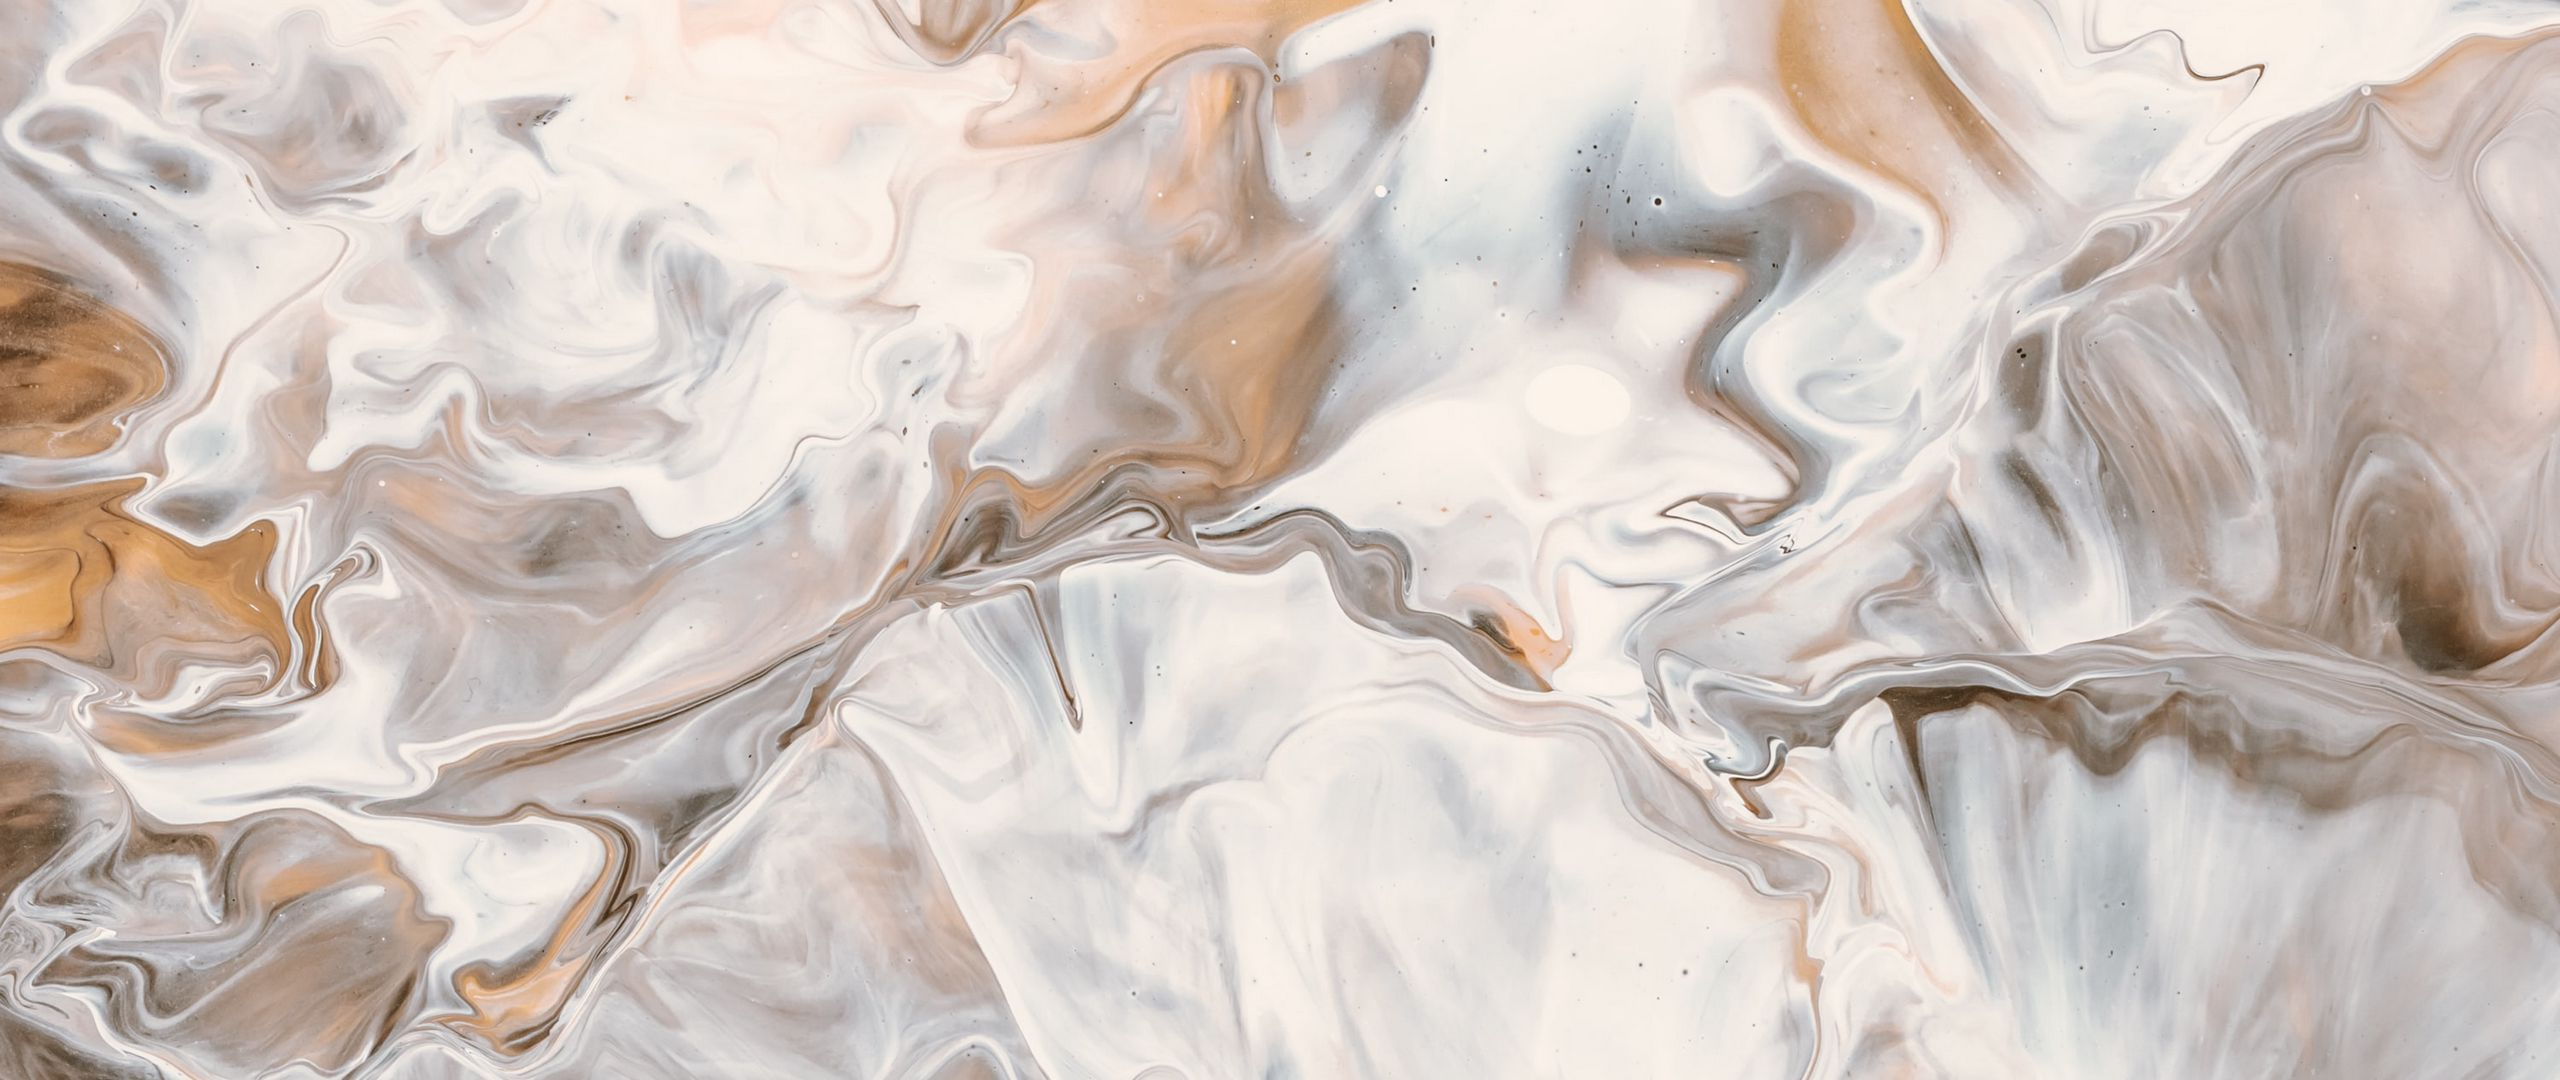 Fondos de pantalla Manchas de pintura liquida café y blanca